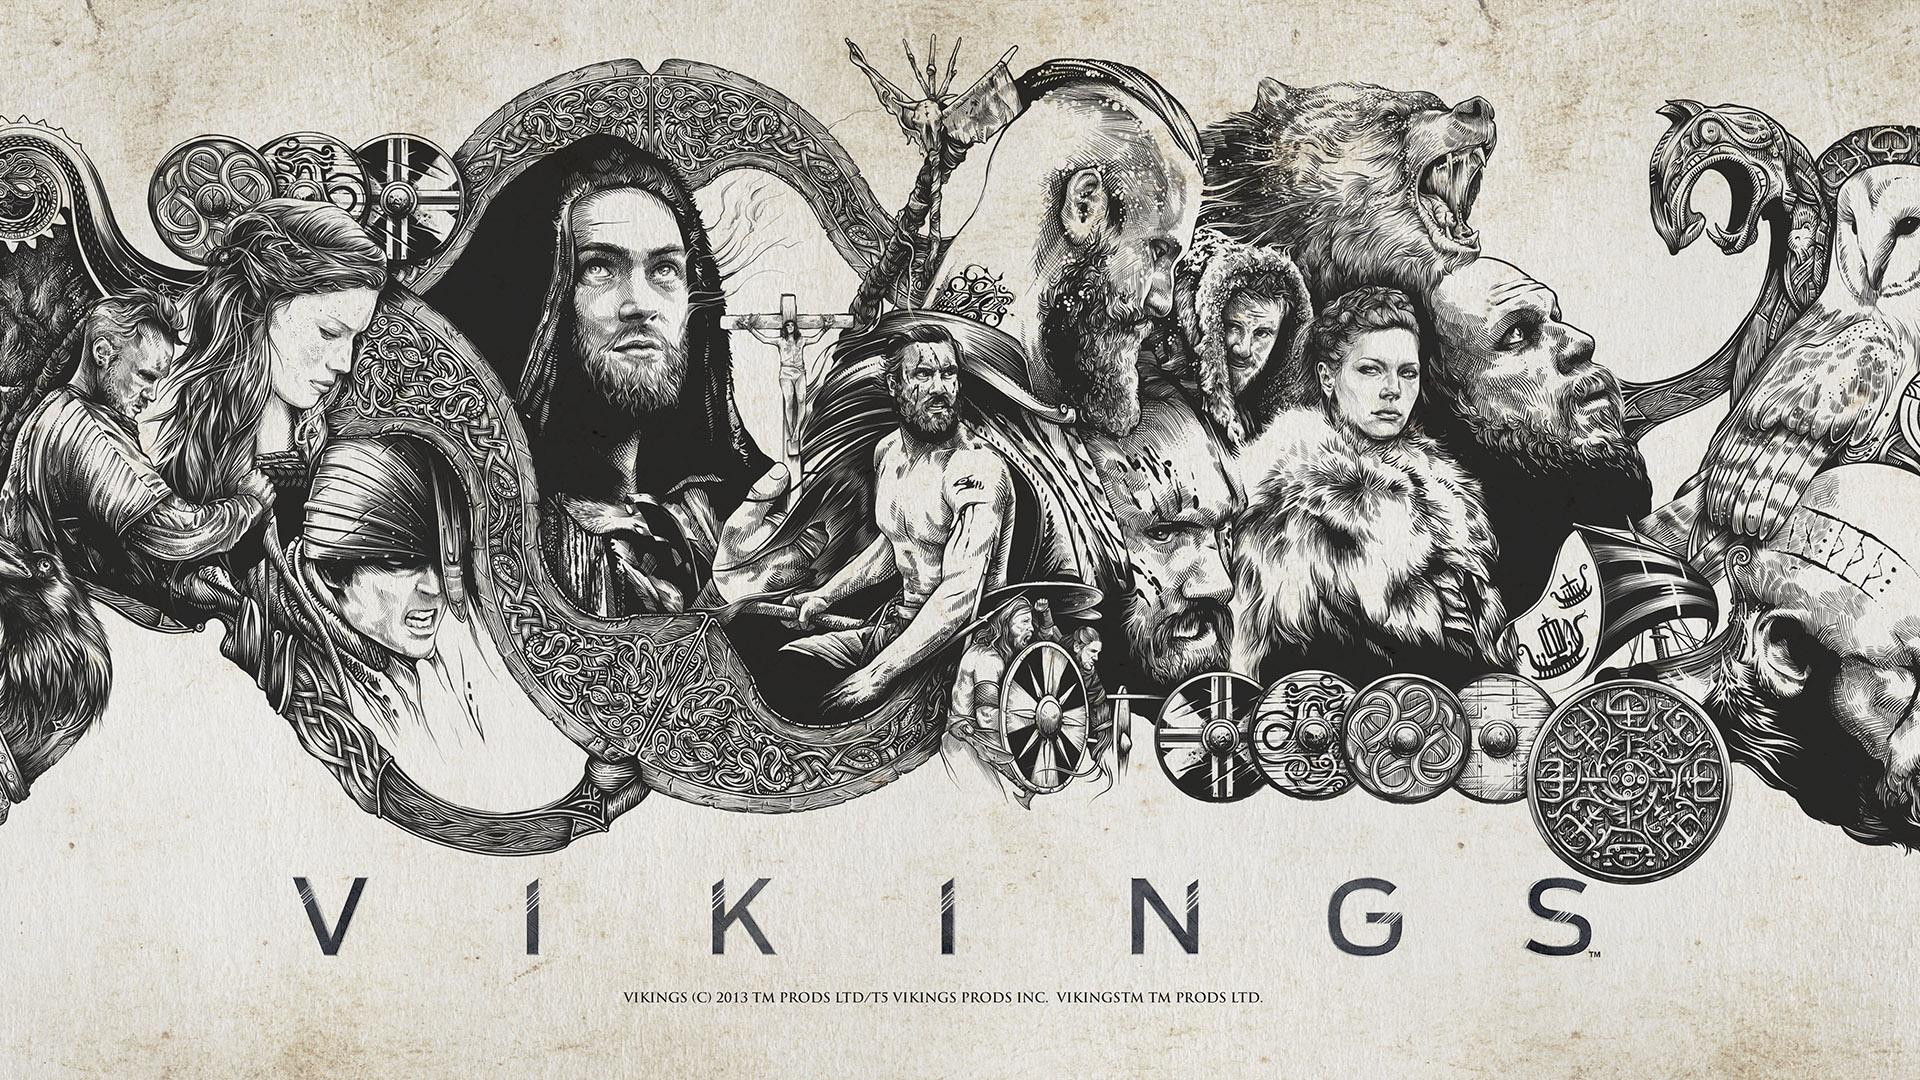 ZK18-vikingofficial.jpg